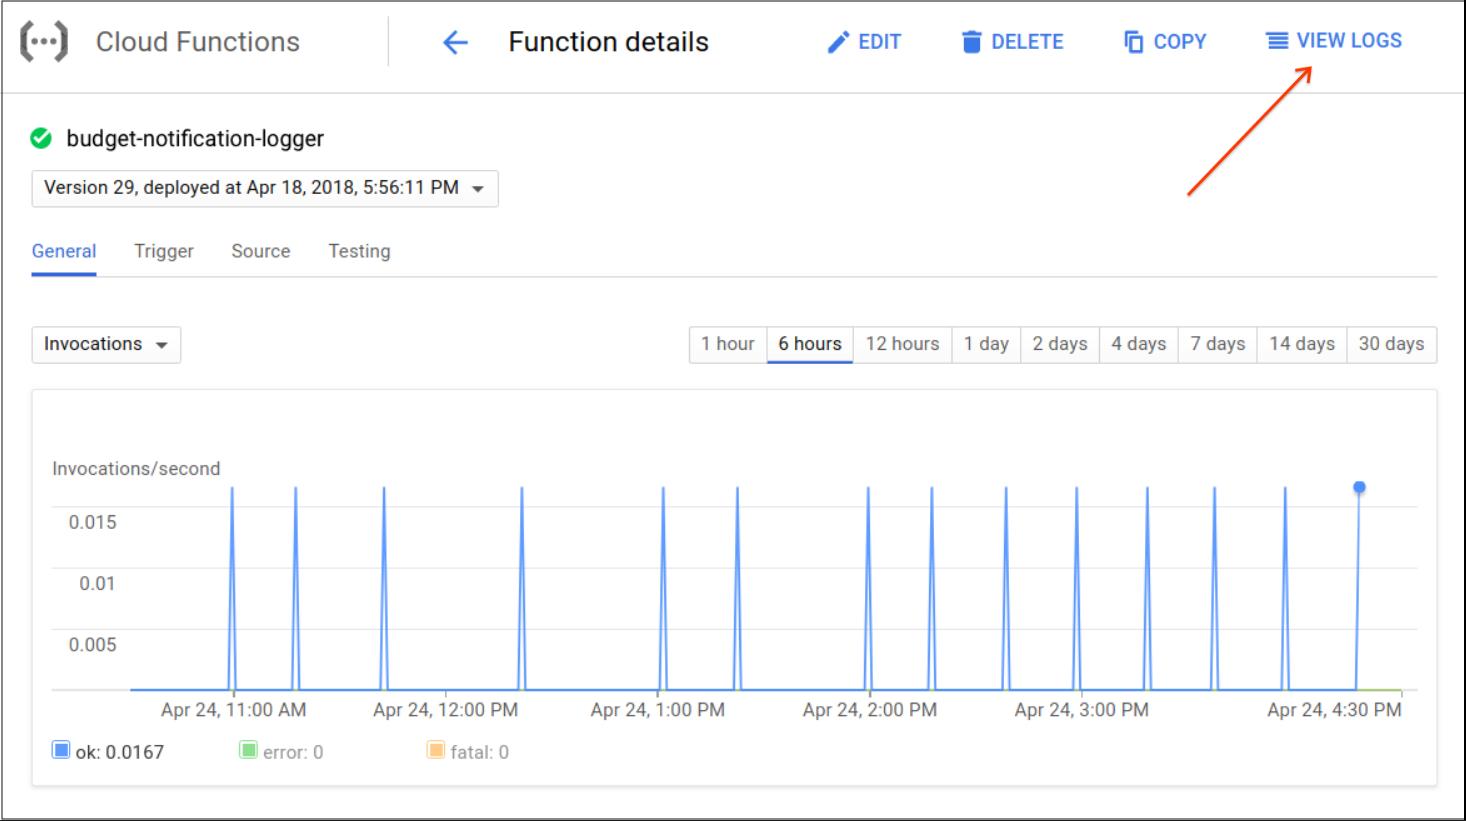 Se muestra dónde puedes encontrar la sección View logs (Ver registros) en la pantalla y la lista de eventos de la función de CloudFunctions en CloudConsole.